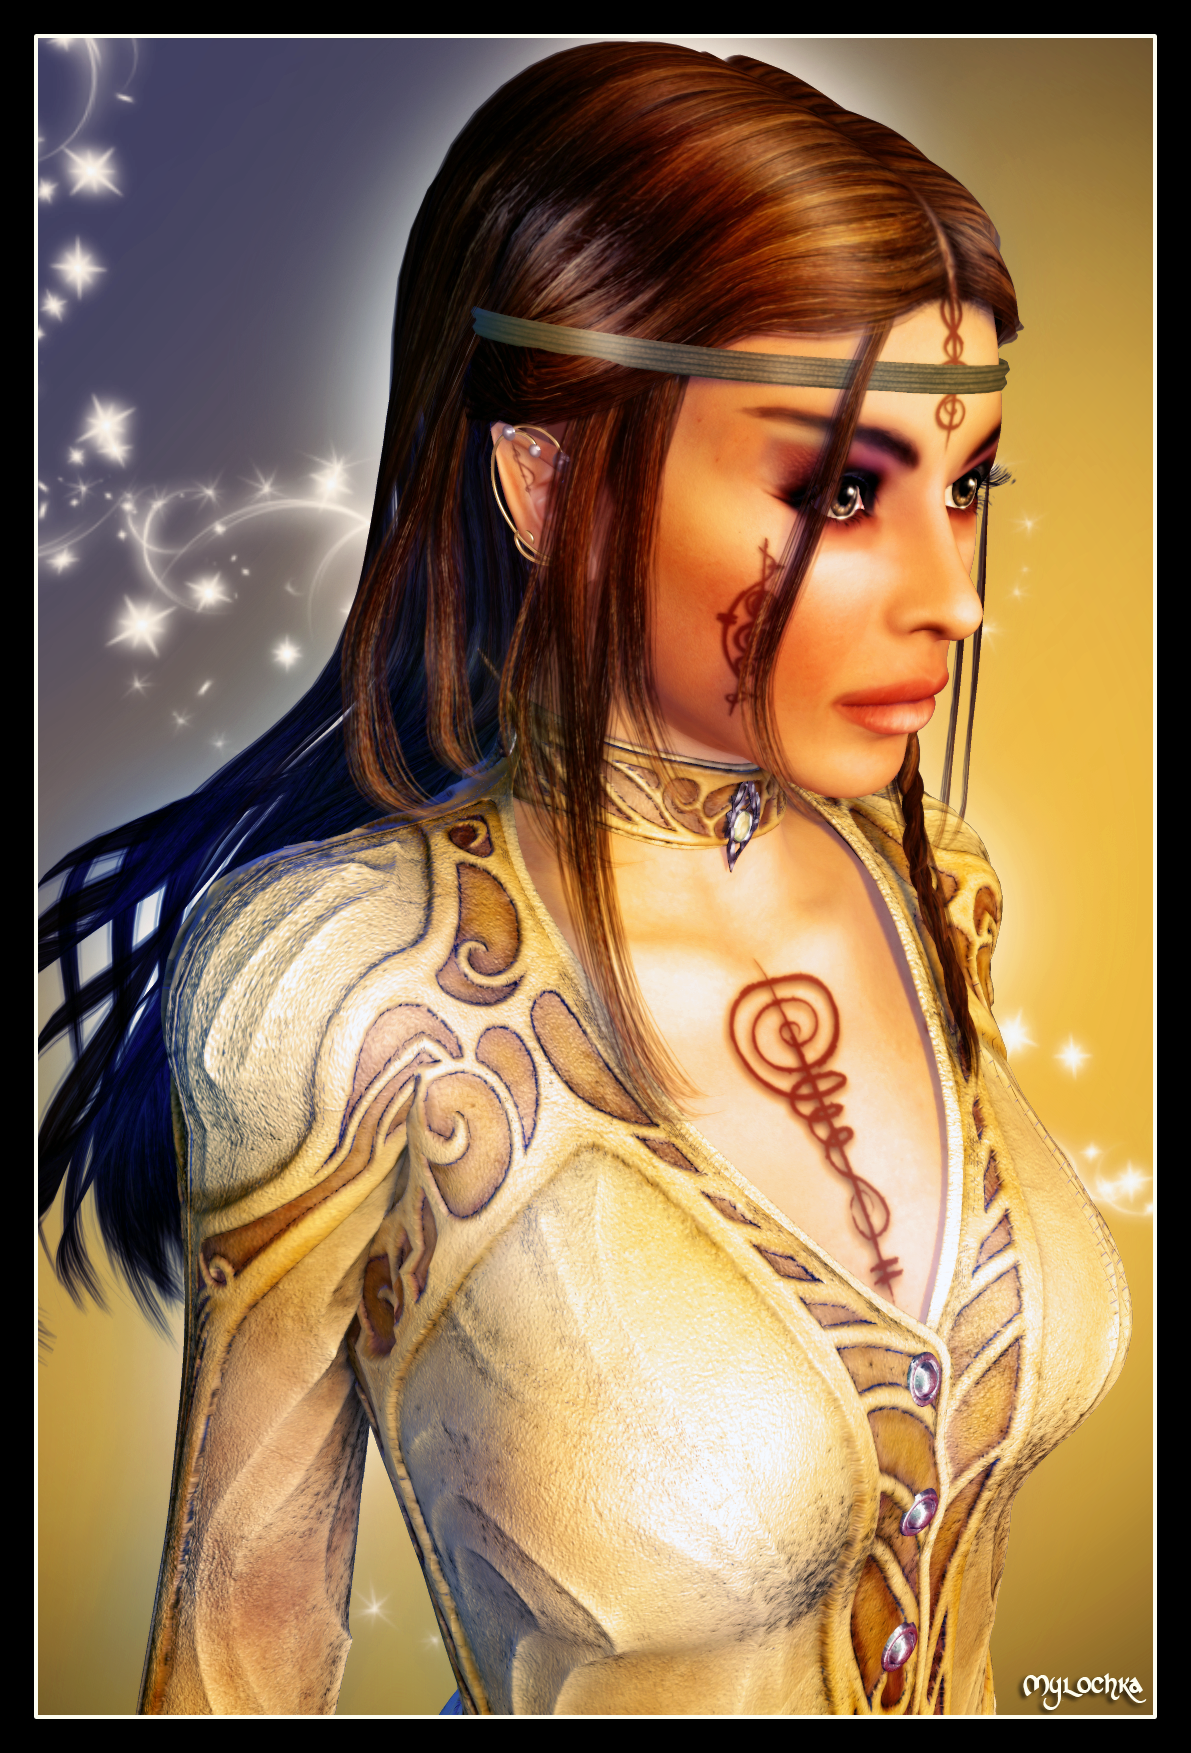 Pre-Reform Princess of Vulcan by mylochka